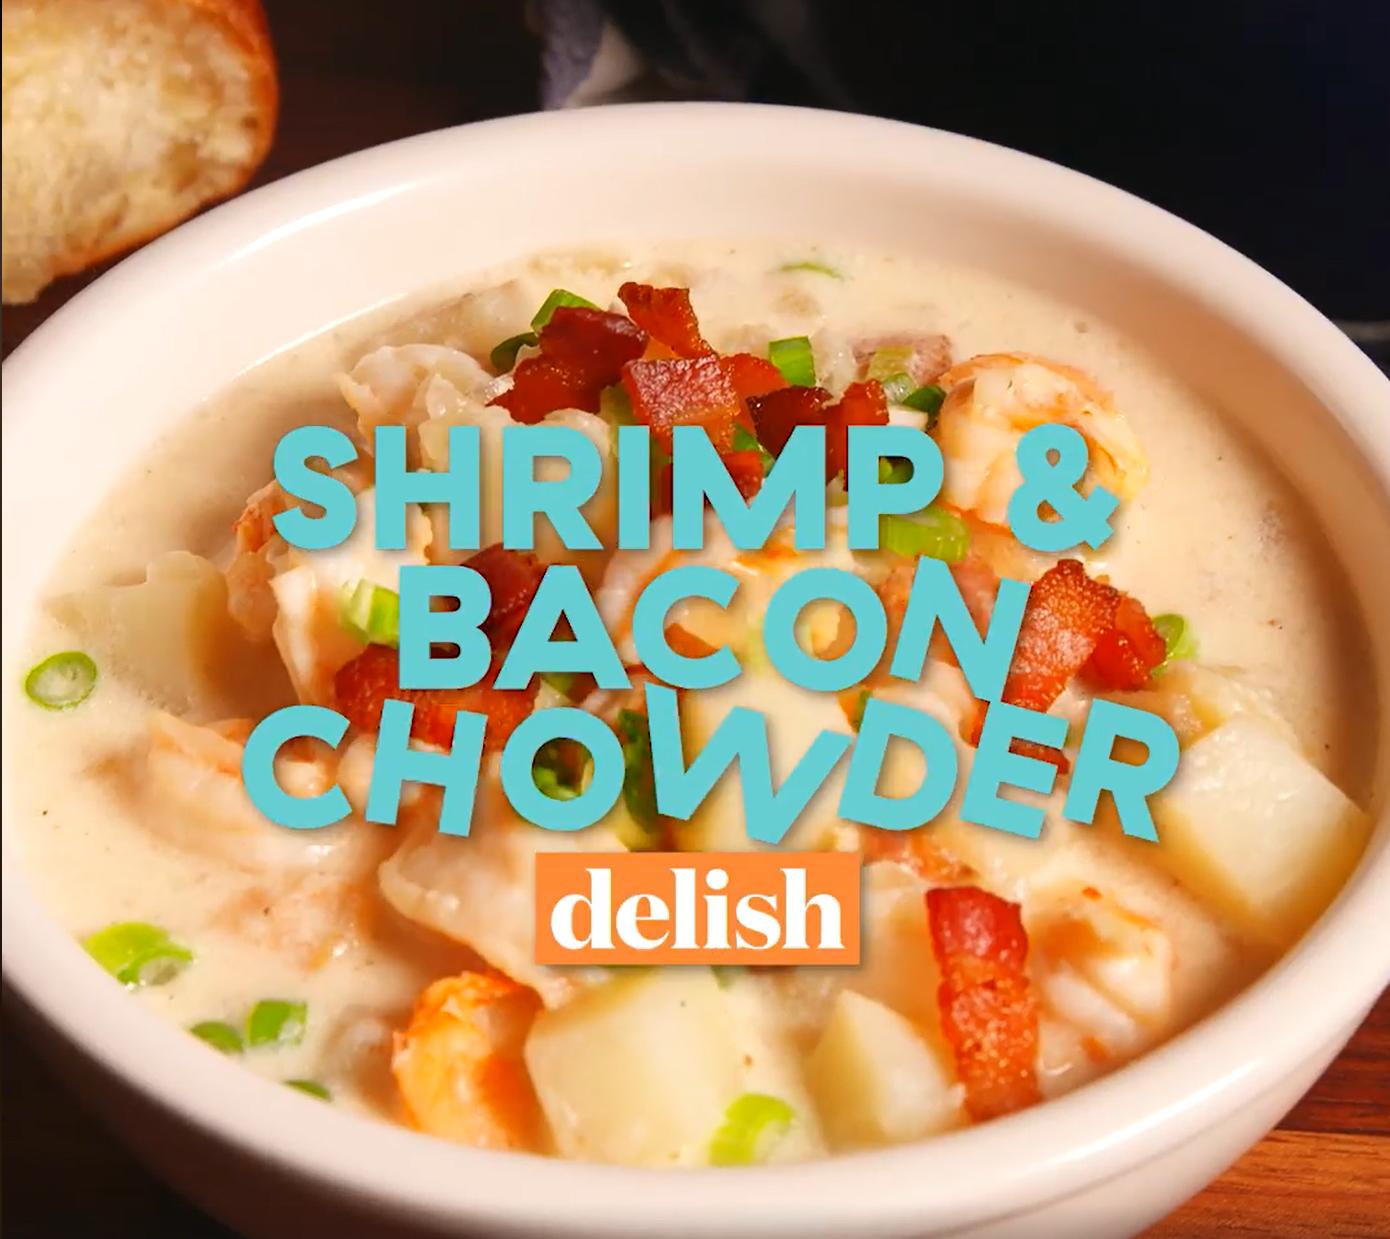 Shrimp 'n' Bacon Chowder